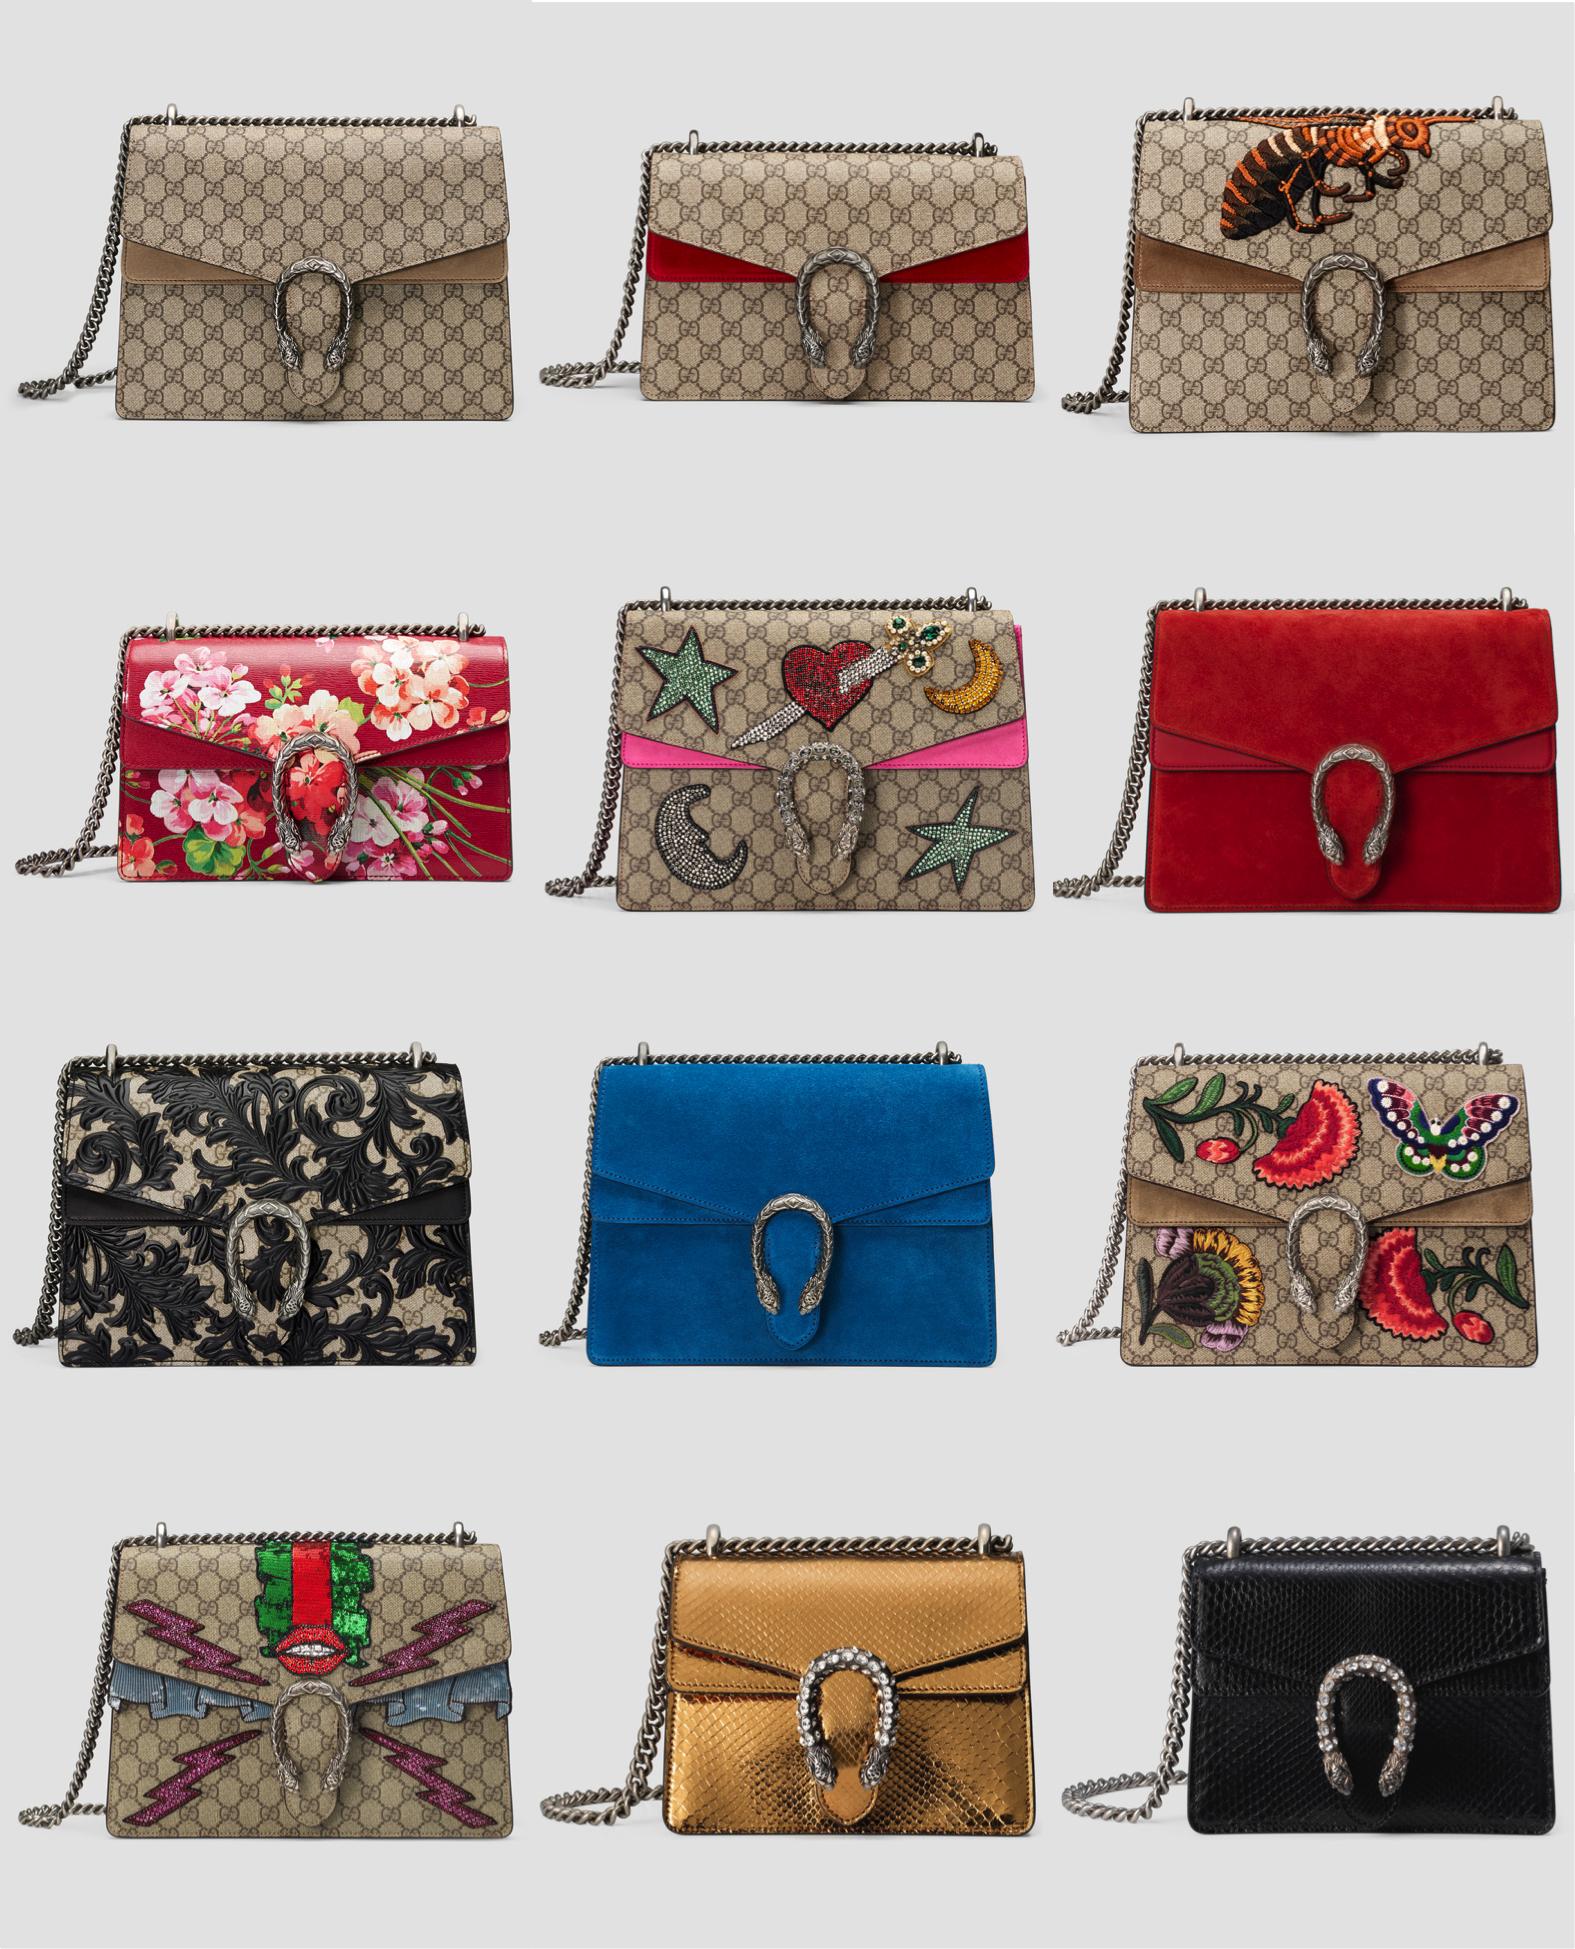 995c7ad290d67 Dionysus da Gucci, a nova bolsa sensação! - Fashionismo